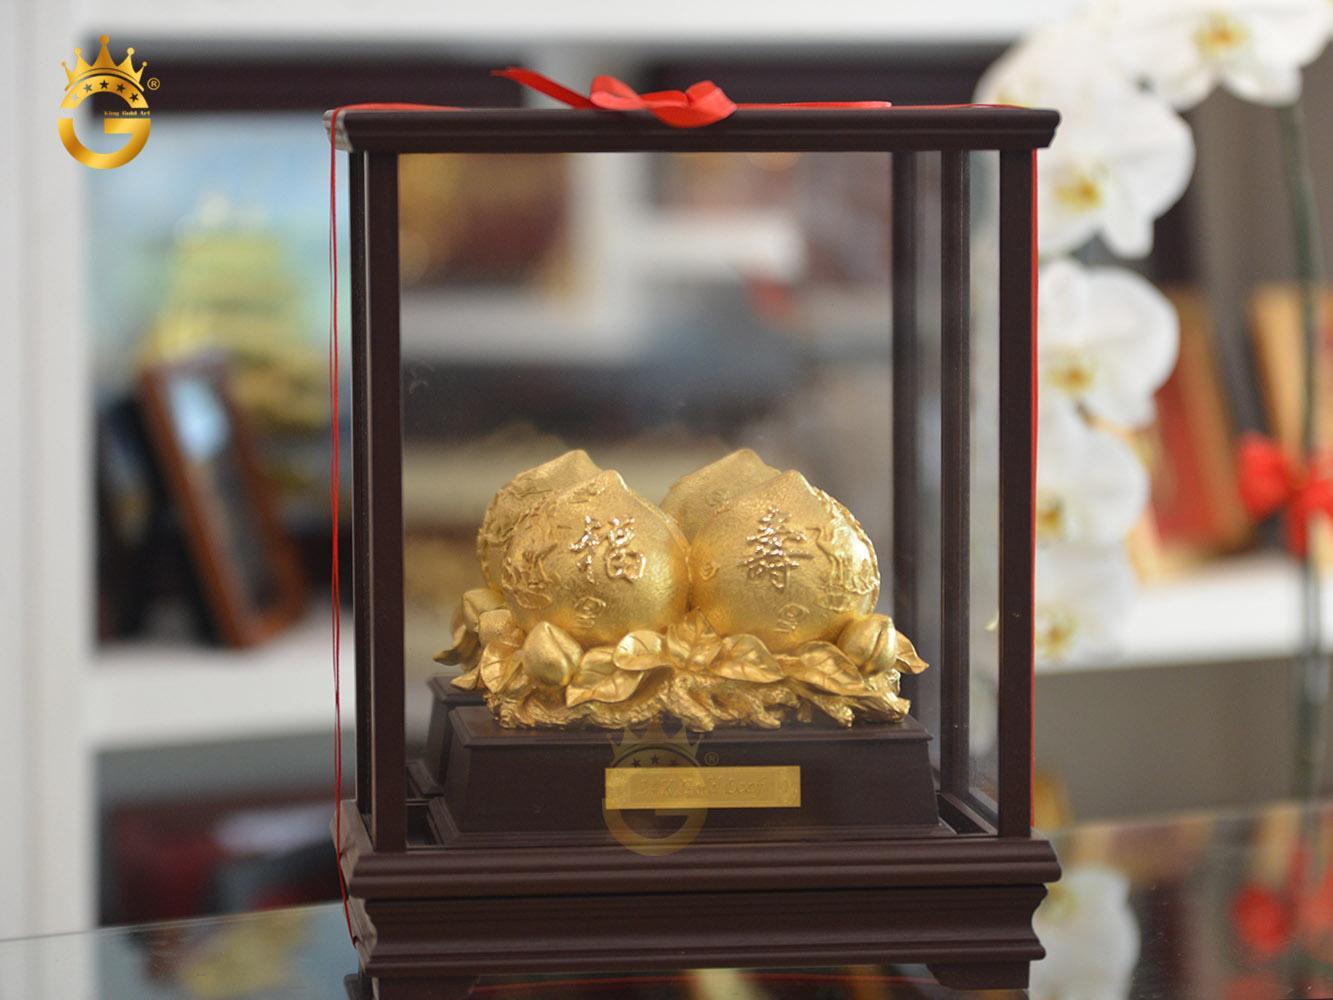 Biểu trưng quả đào phong thủy mạ vàng 24k- quà mừng thọ ý nghĩa0